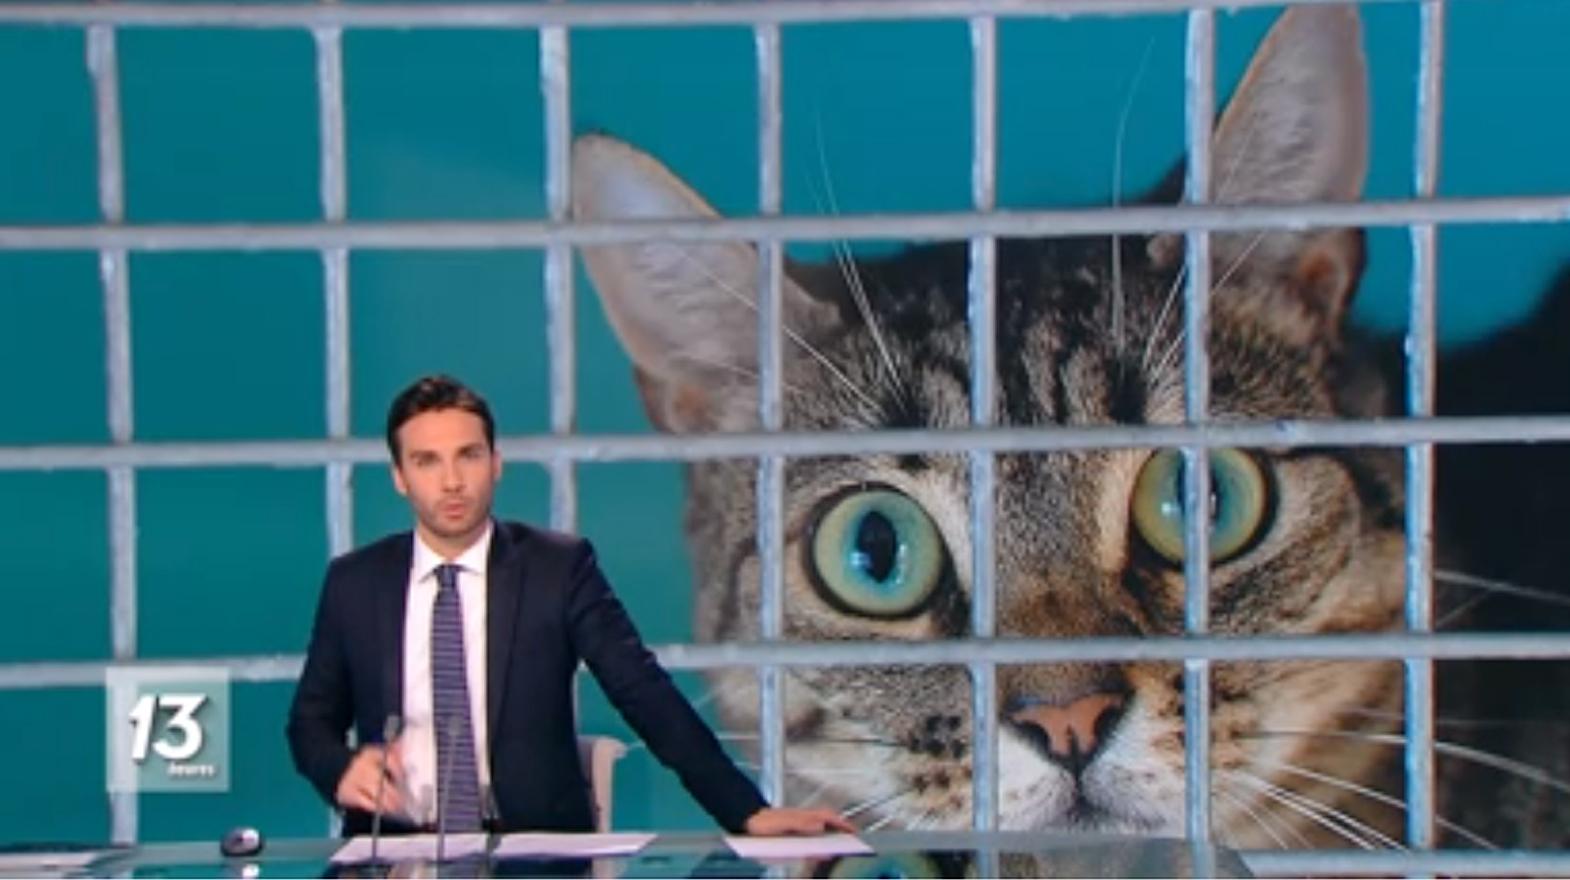 แมวติดโควิด เบลเยียมชี้เคสพิเศษ เจ้านายใกล้ชิดเกิน ยันสัตว์ไม่แพร่ต่อ